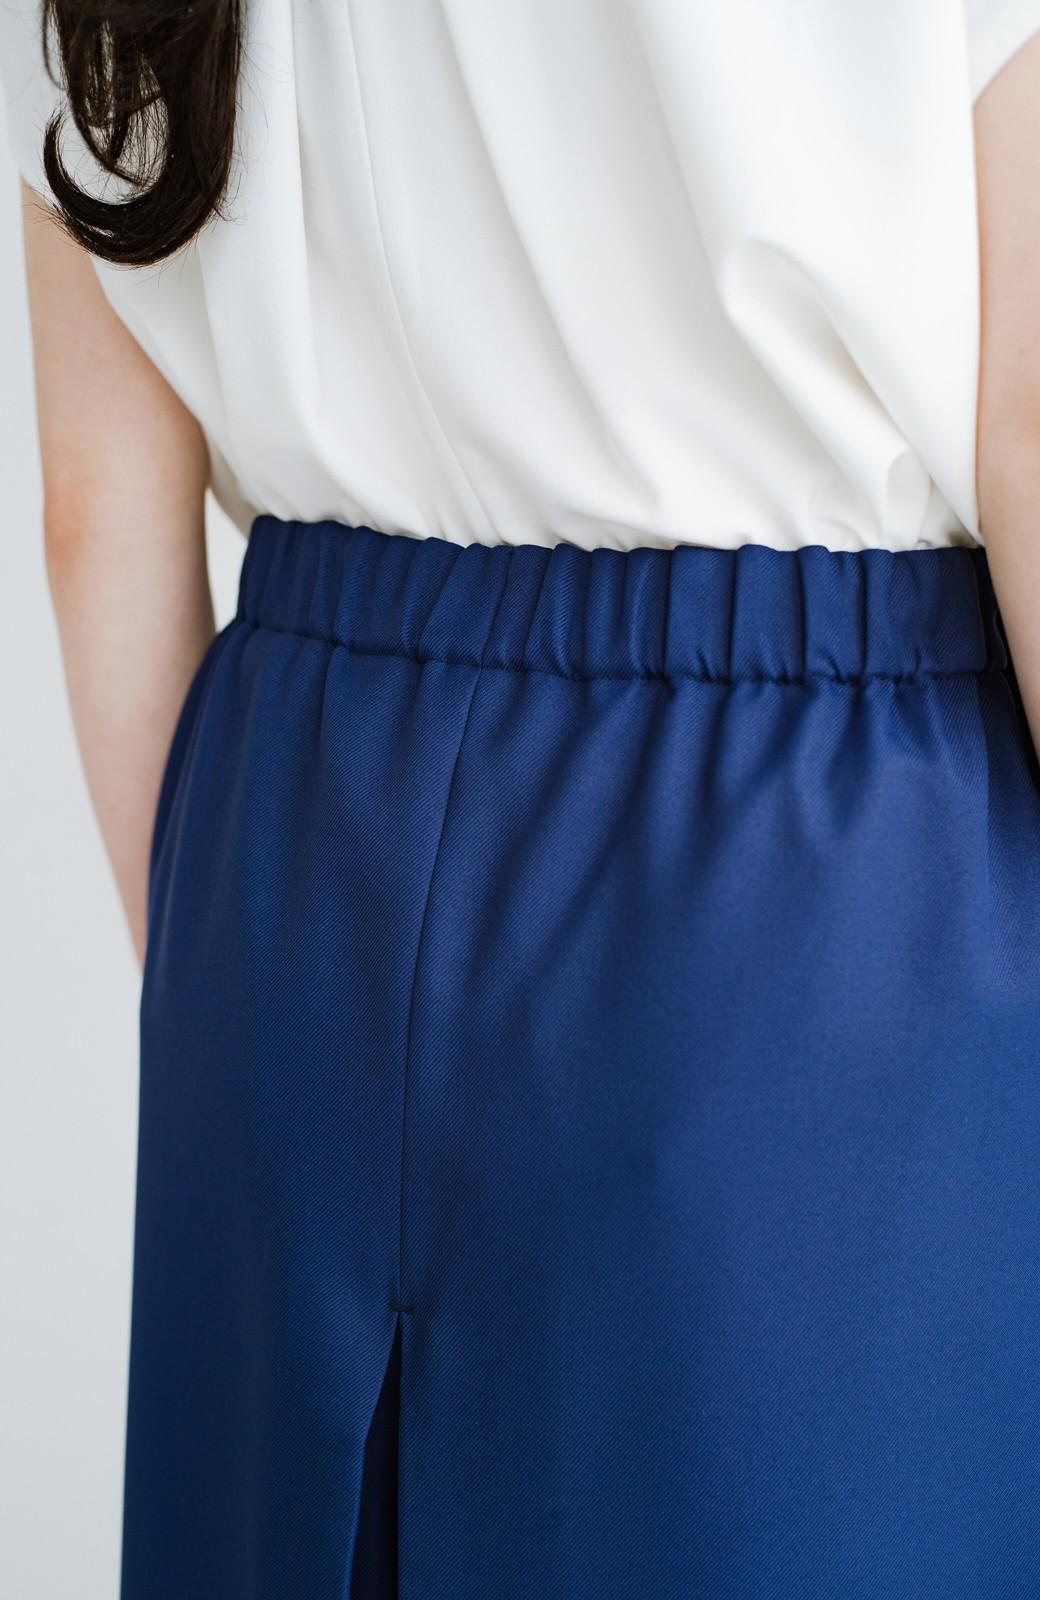 haco! スカート感覚でゆったりはけちゃう お仕事にも便利なきれいめタックワイドパンツ <ネイビー>の商品写真10